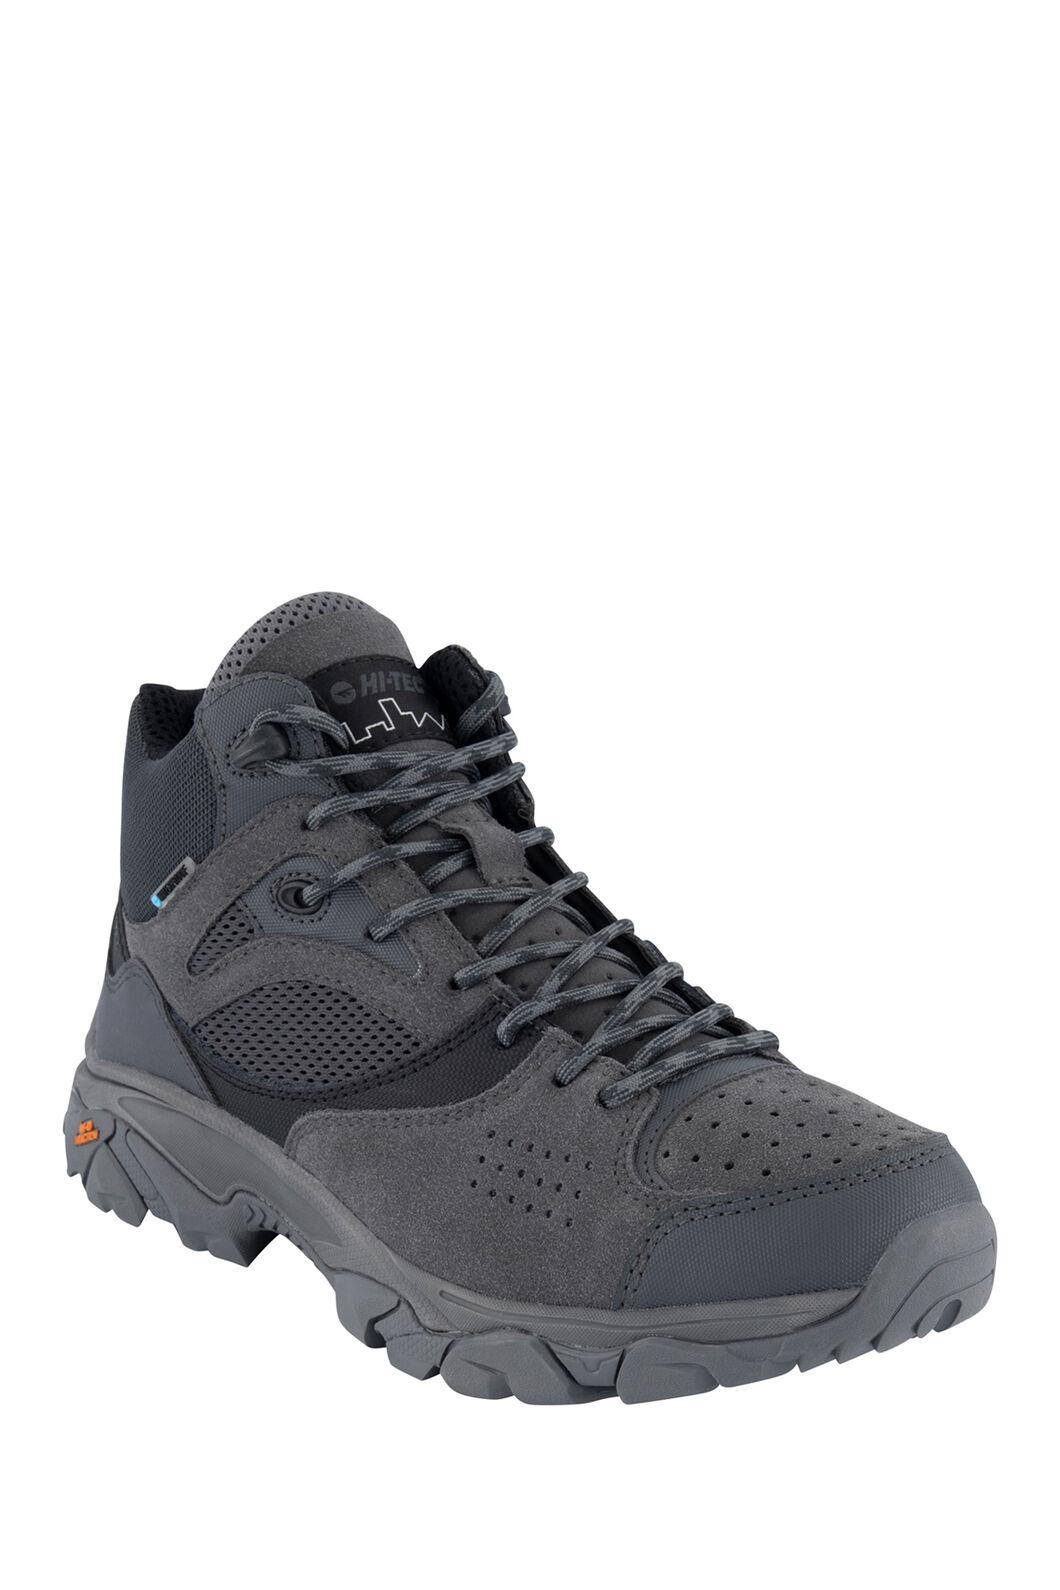 Hi-Tec Nouveau Traction WP Hiking Boots — Men's, Black/Charcoal, hi-res